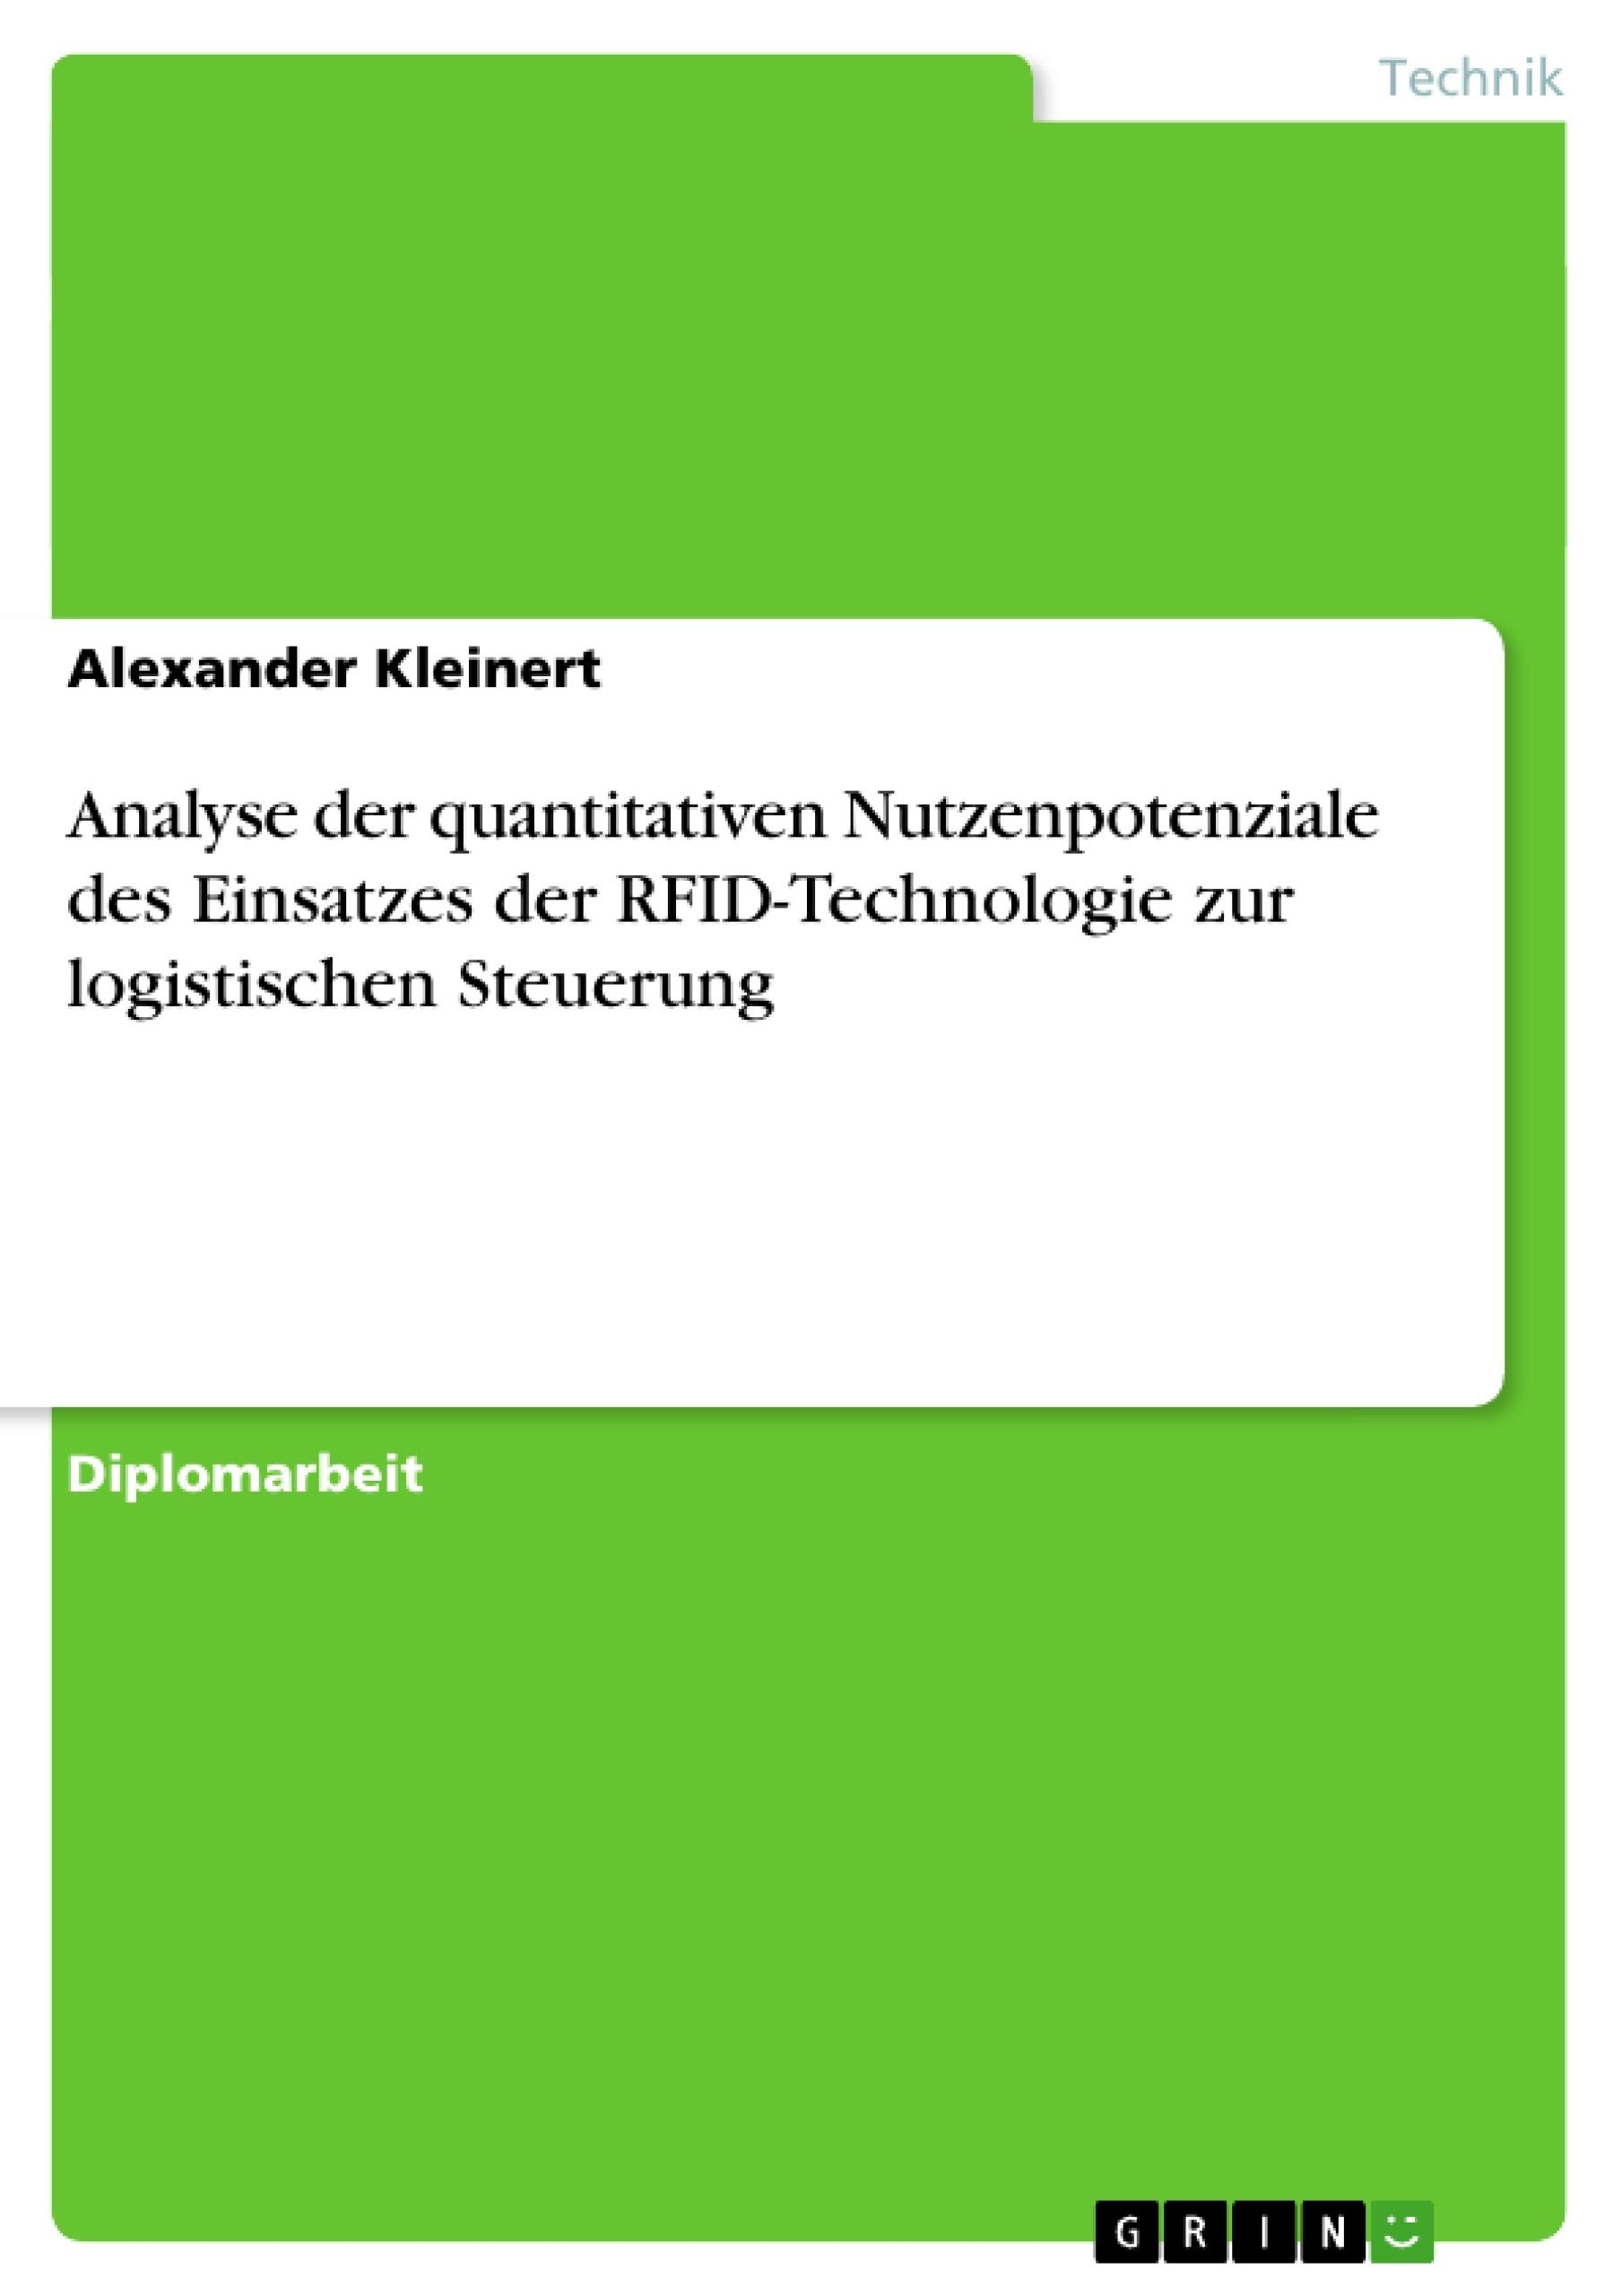 Titel: Analyse der quantitativen Nutzenpotenziale des Einsatzes der RFID-Technologie zur logistischen Steuerung